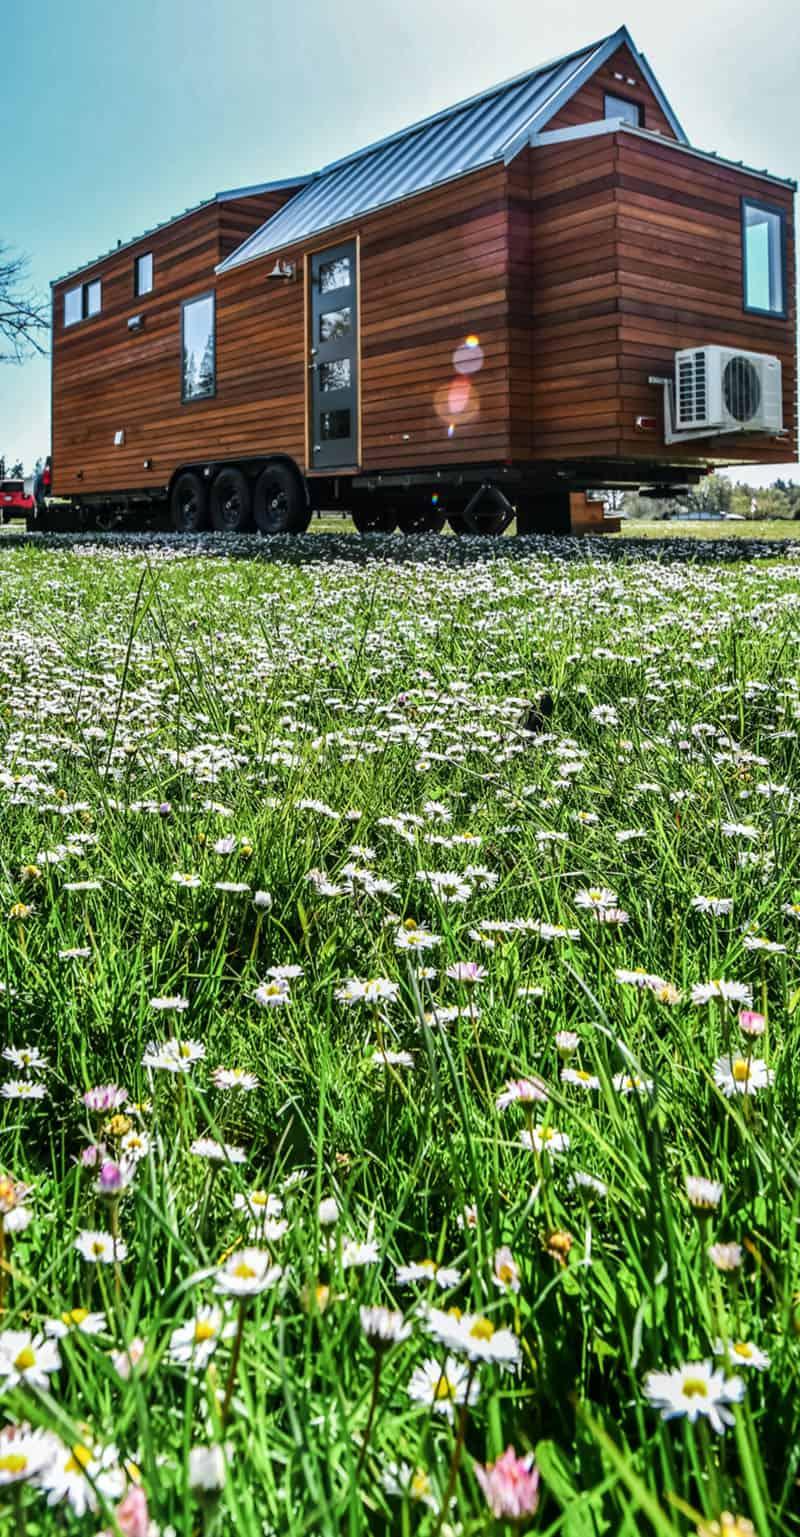 off-grid-tiny-home-farmhouse-exterior